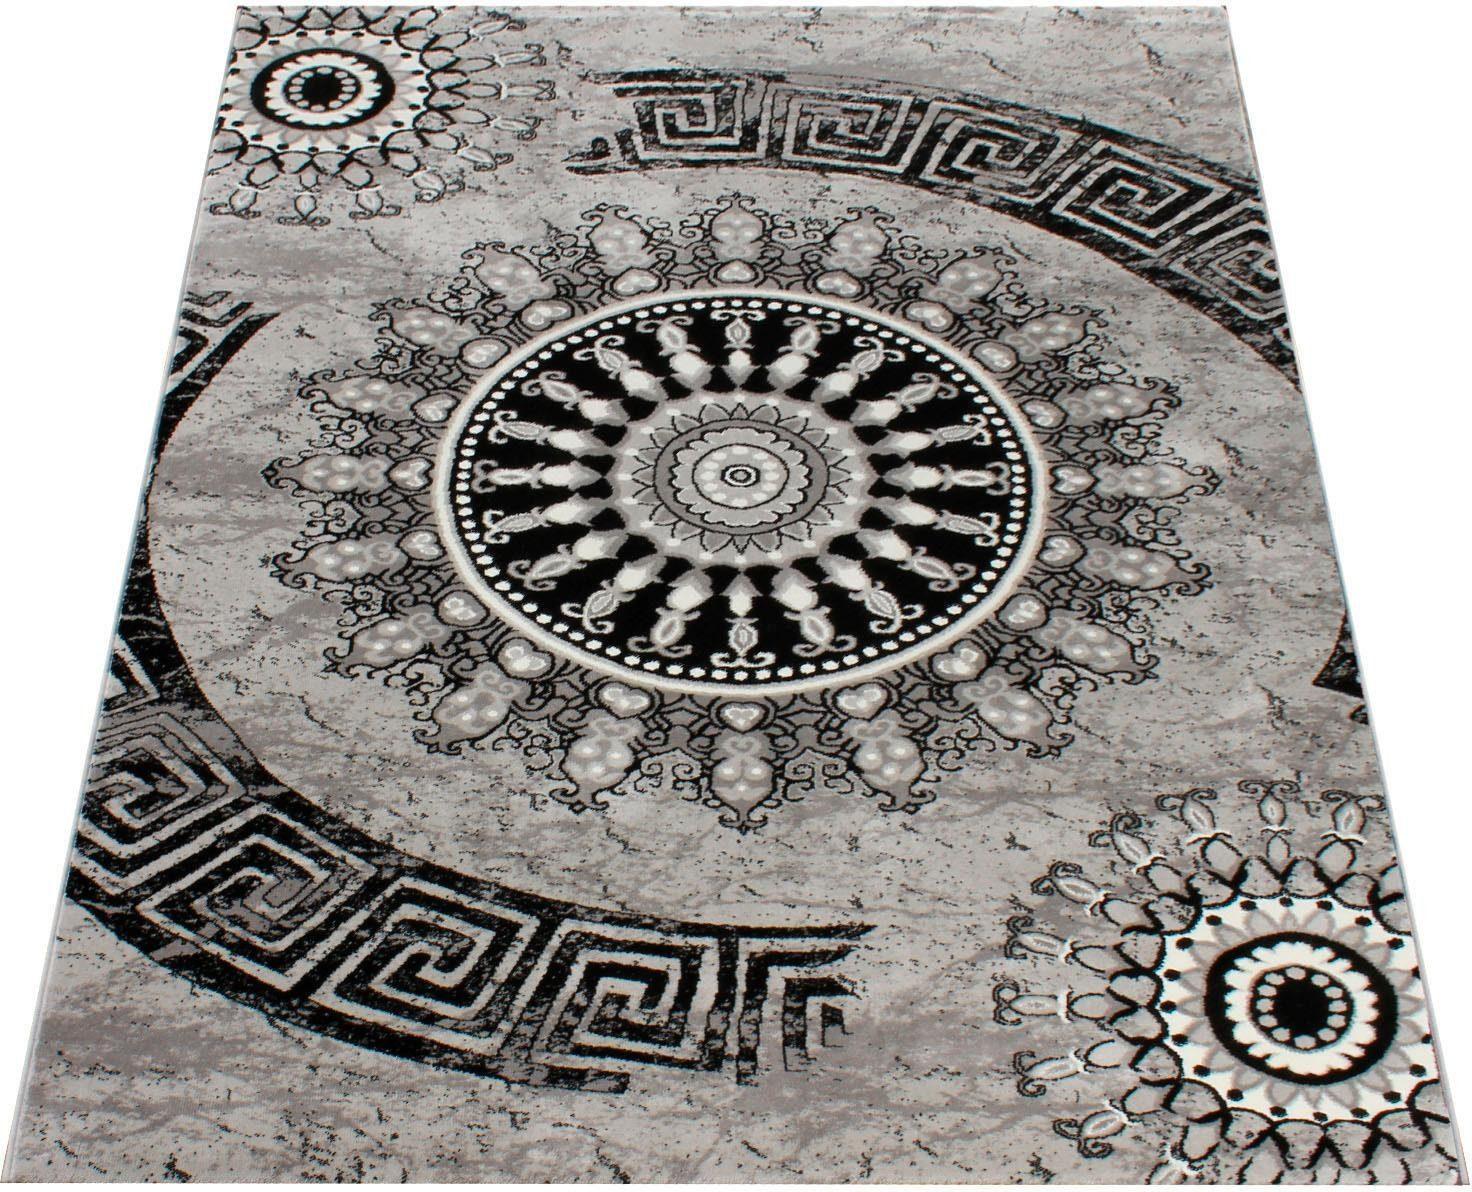 Teppich Tibesti 447 Paco Home rechteckig Höhe 16 mm maschinell gewebt